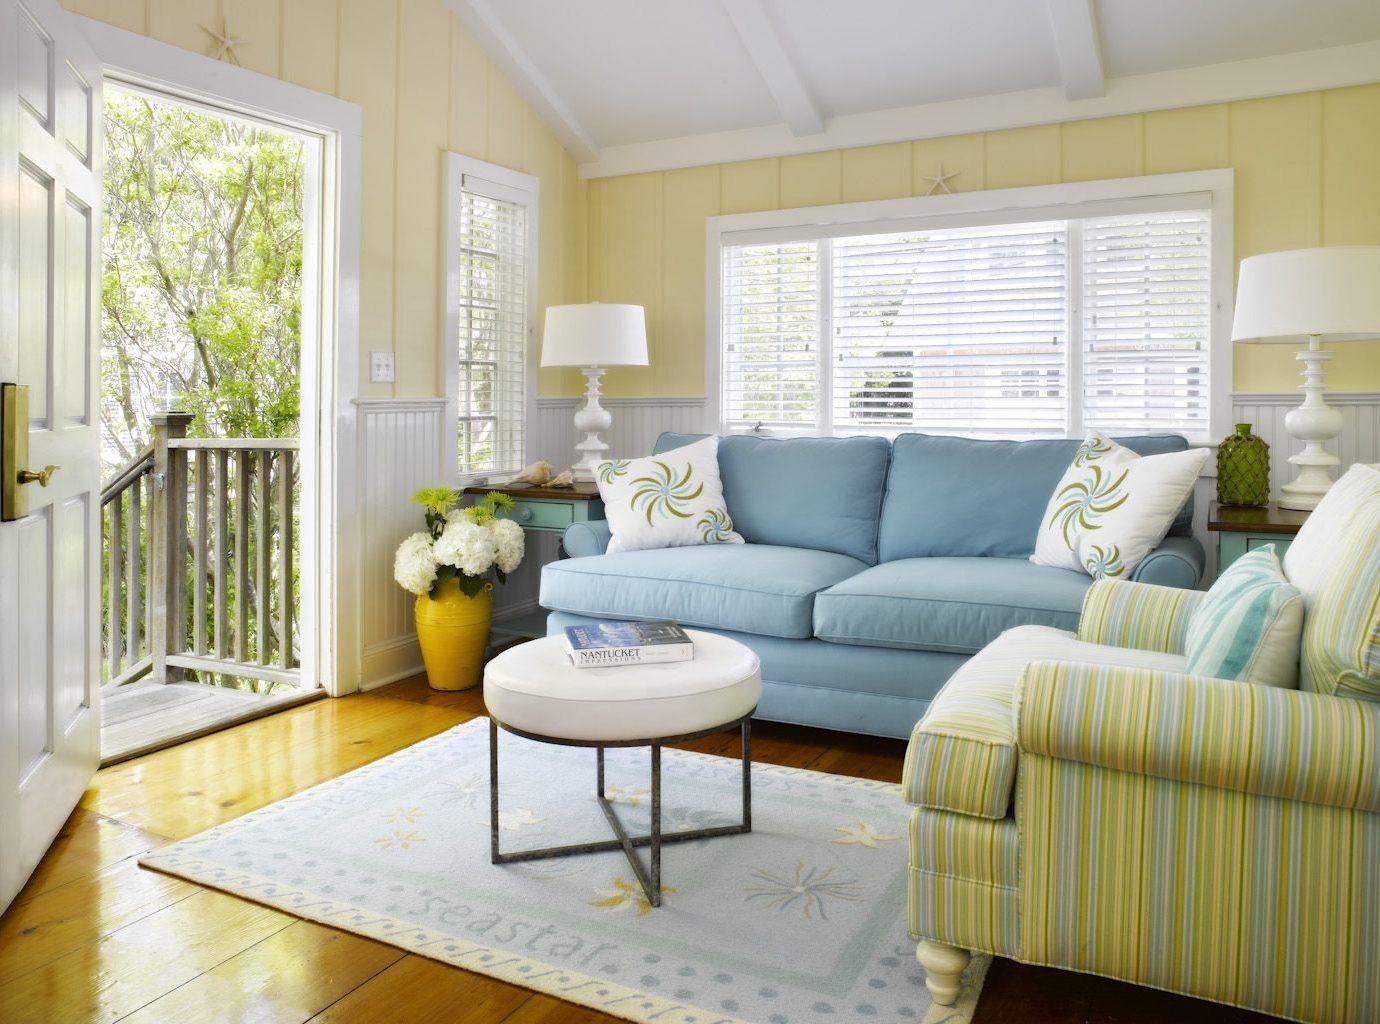 Living room at White Elephant Inn, Nantucket